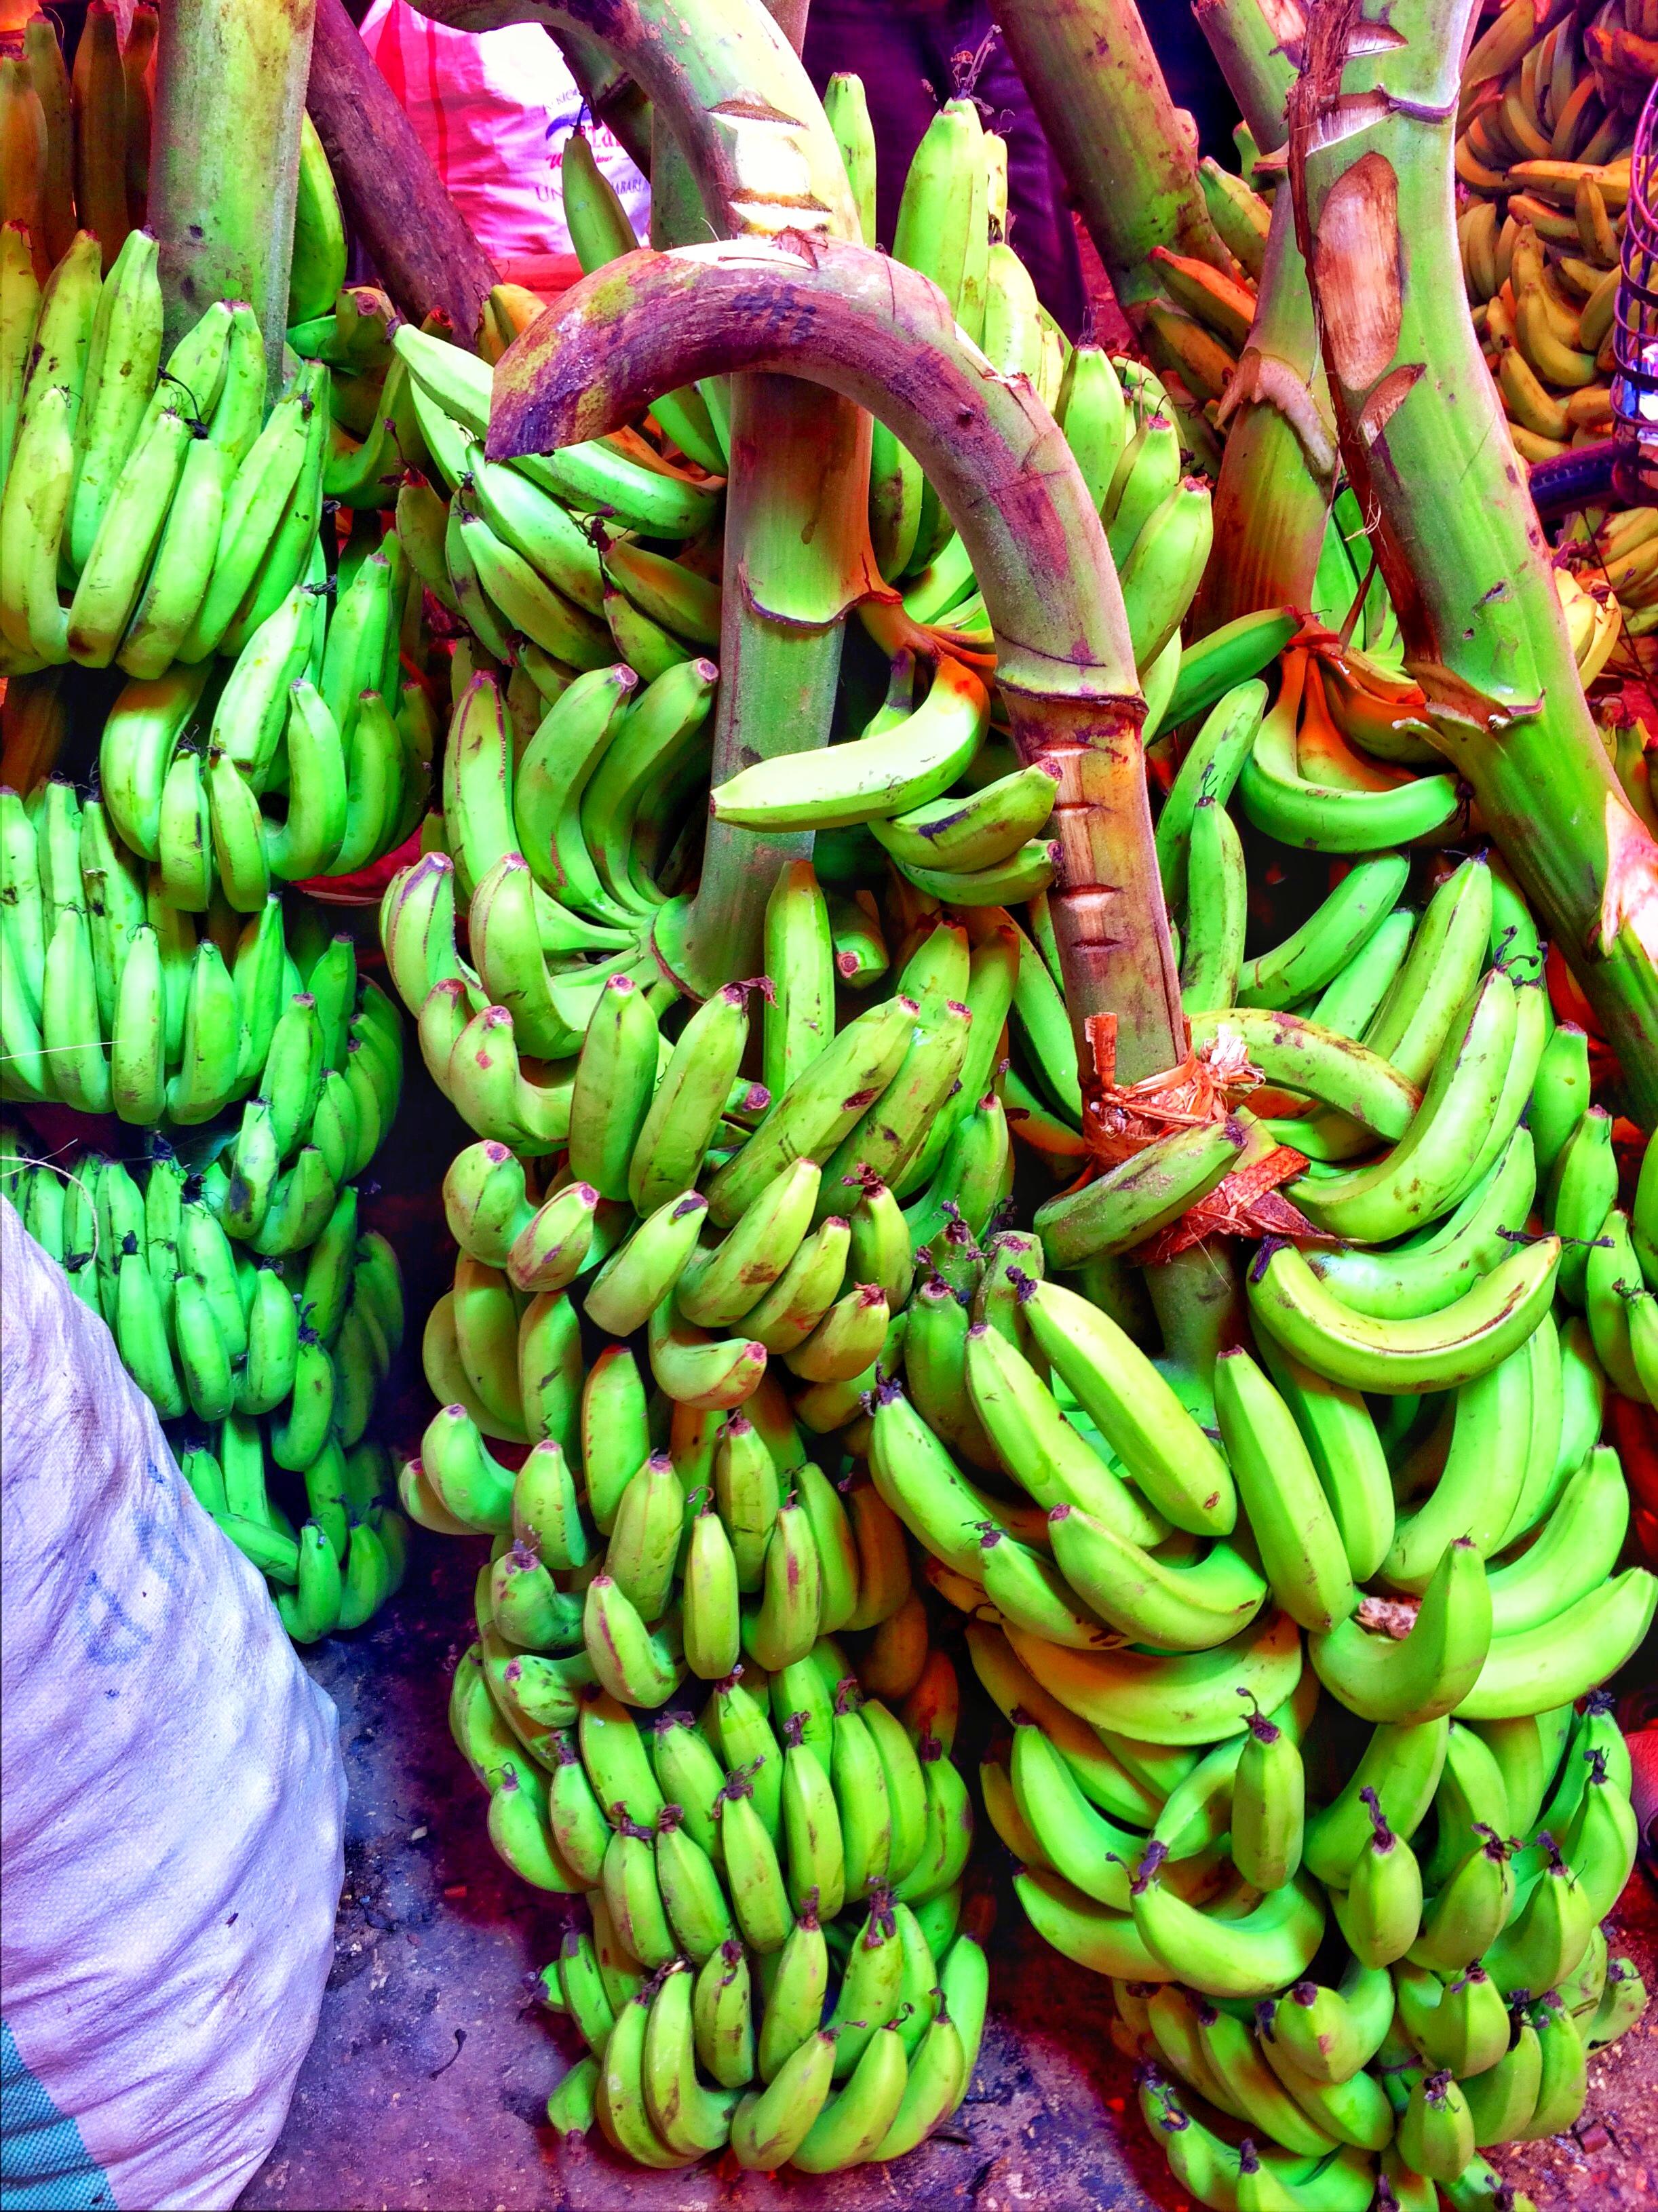 Bananas, anyone?